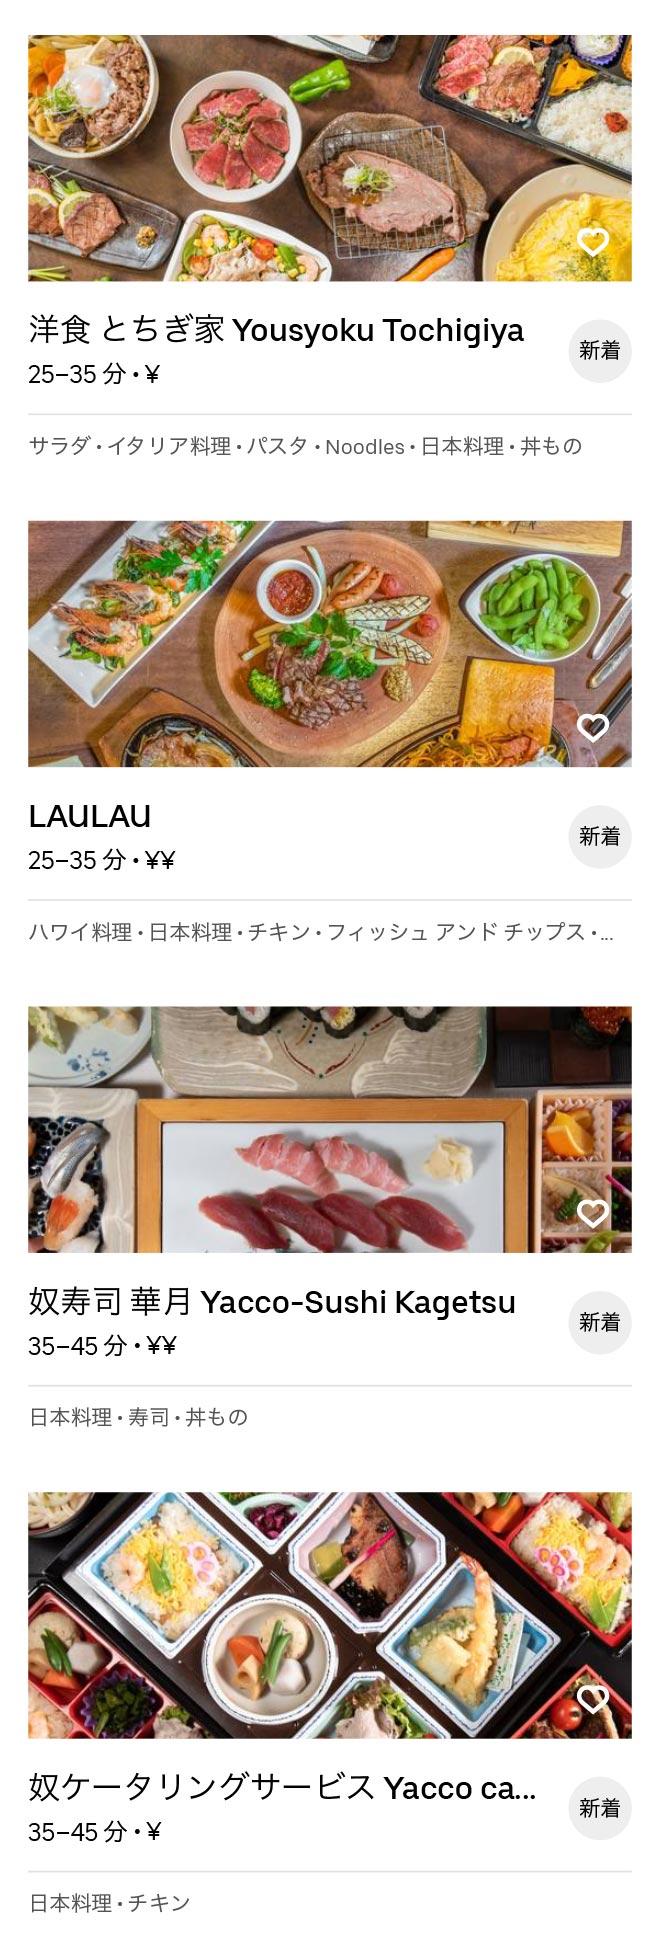 Tobu utsunomiya menu 200602